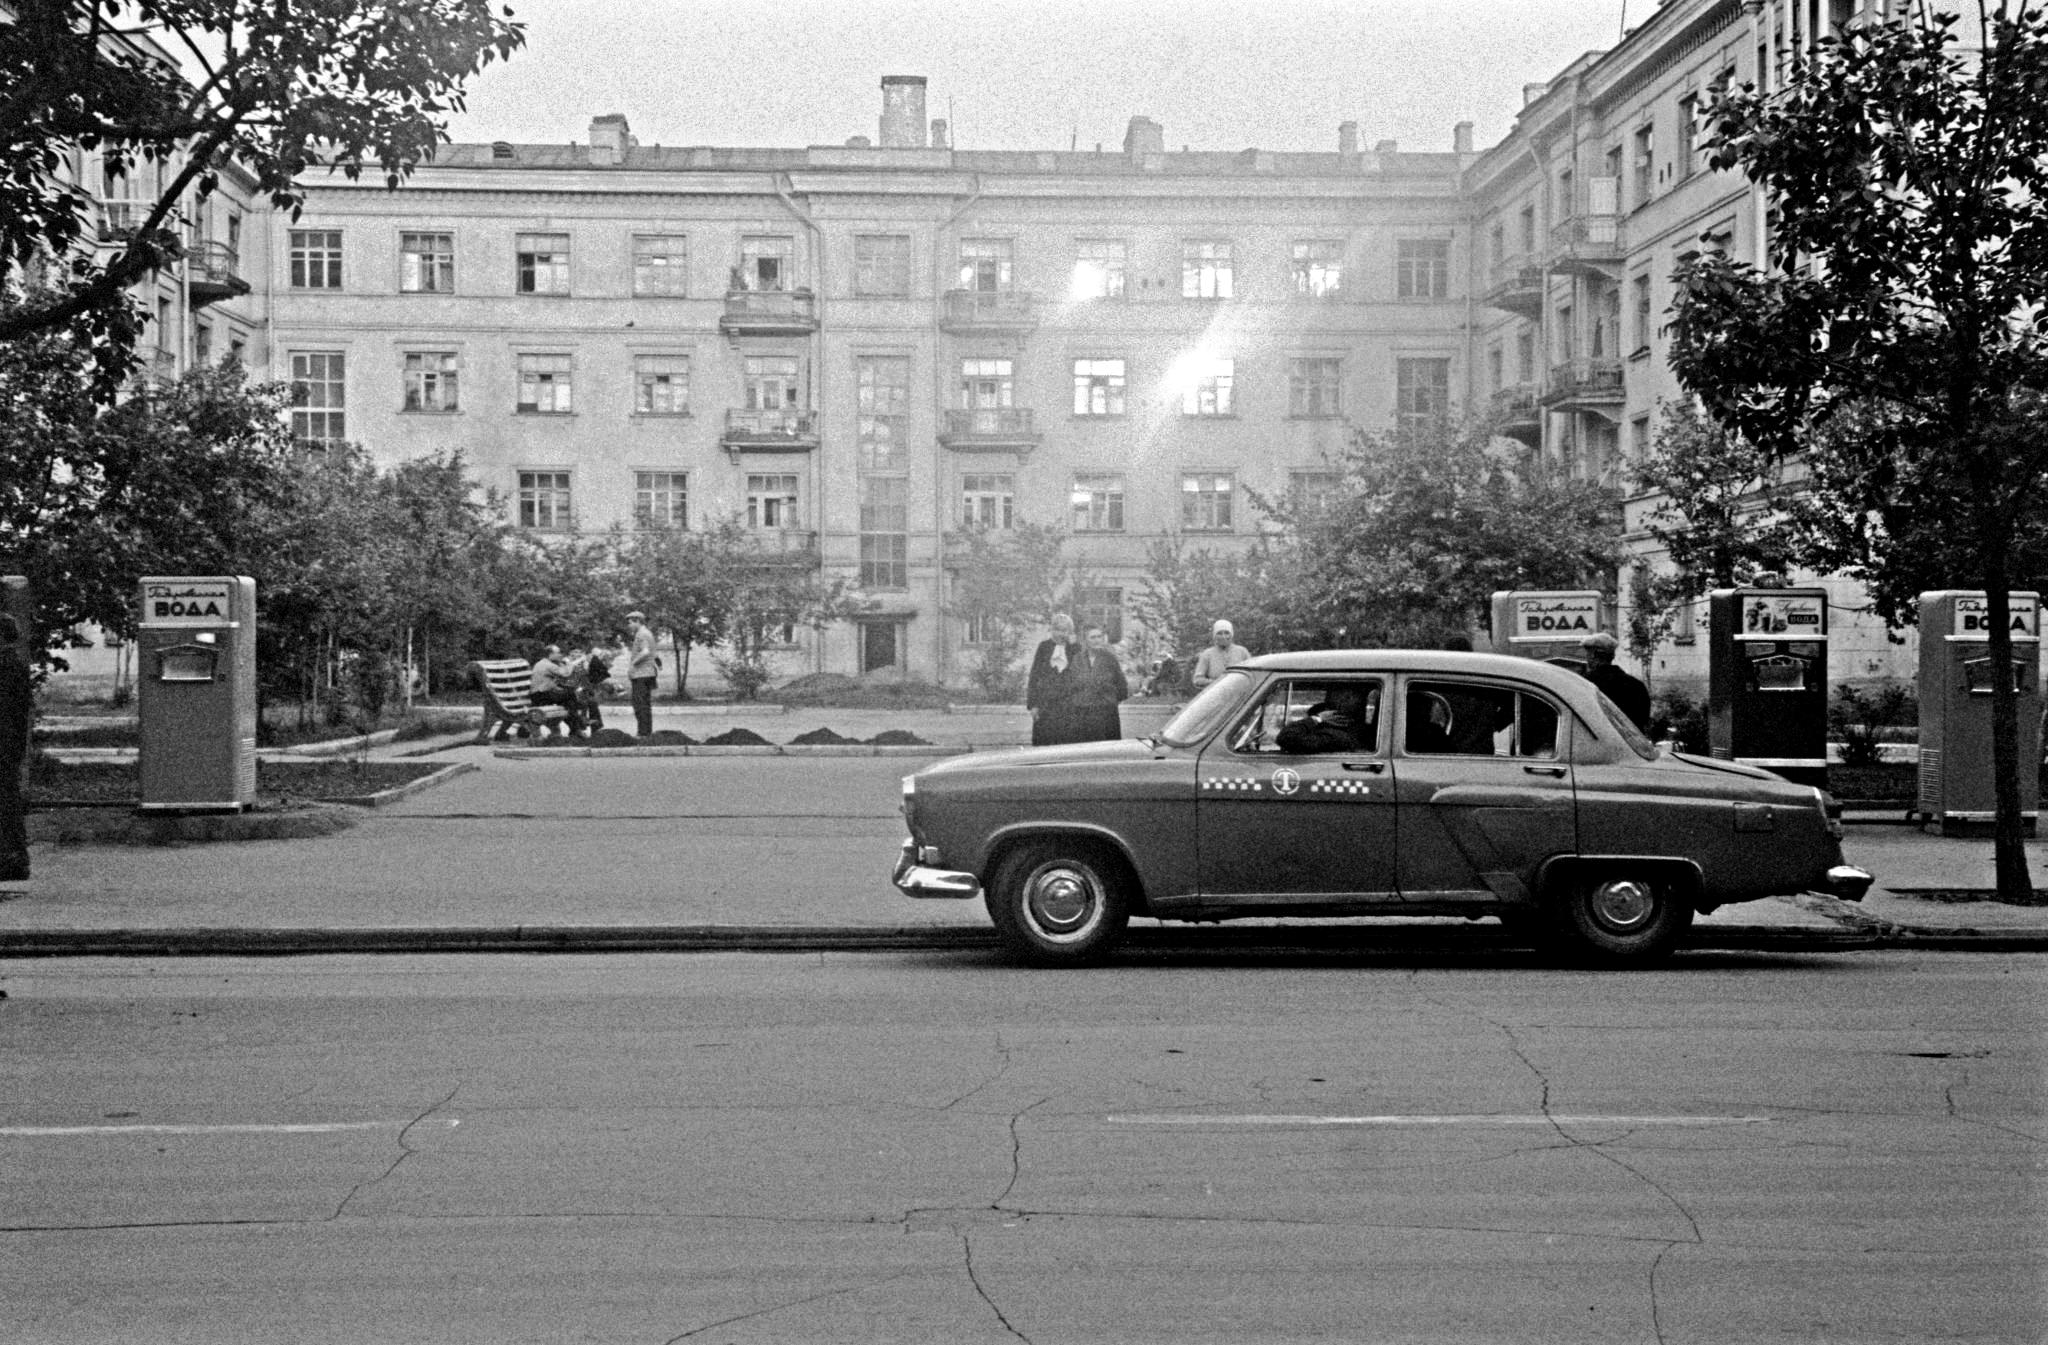 Многоквартирный жилой дом, построенный в 1935. Ул. Карла Маркса, 30.png